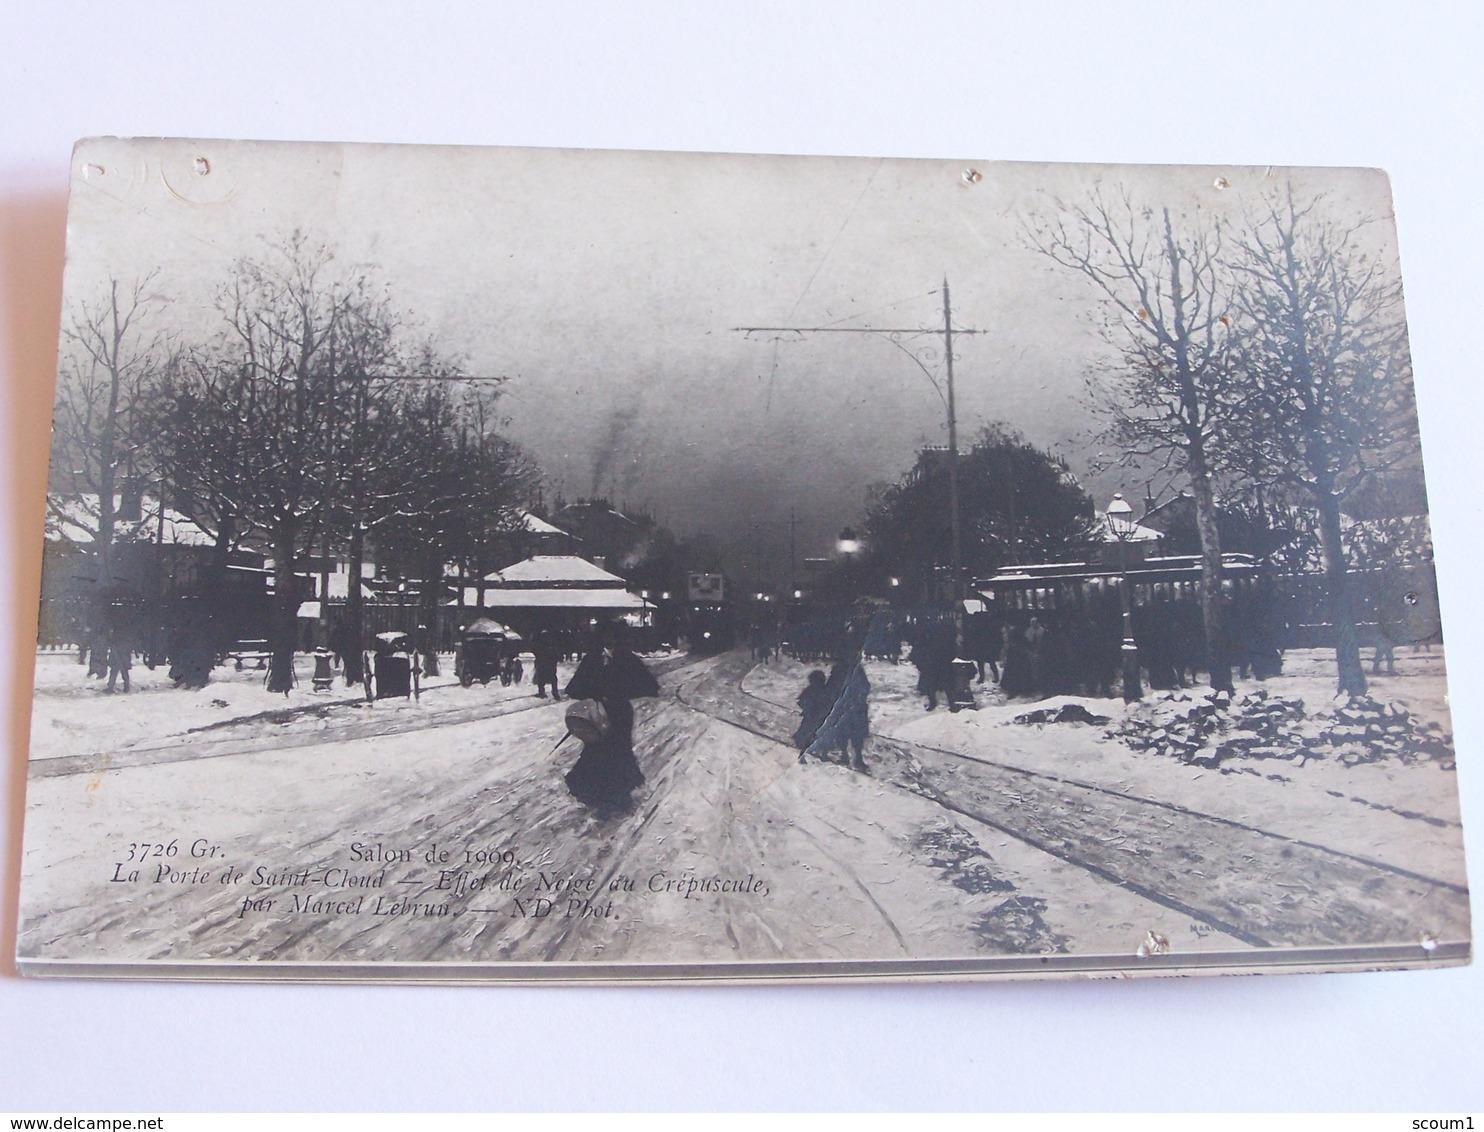 La Porte De St Cloud - Affet De Neige Du Crépuscule Par Marcel Lebrun - Arrondissement: 16